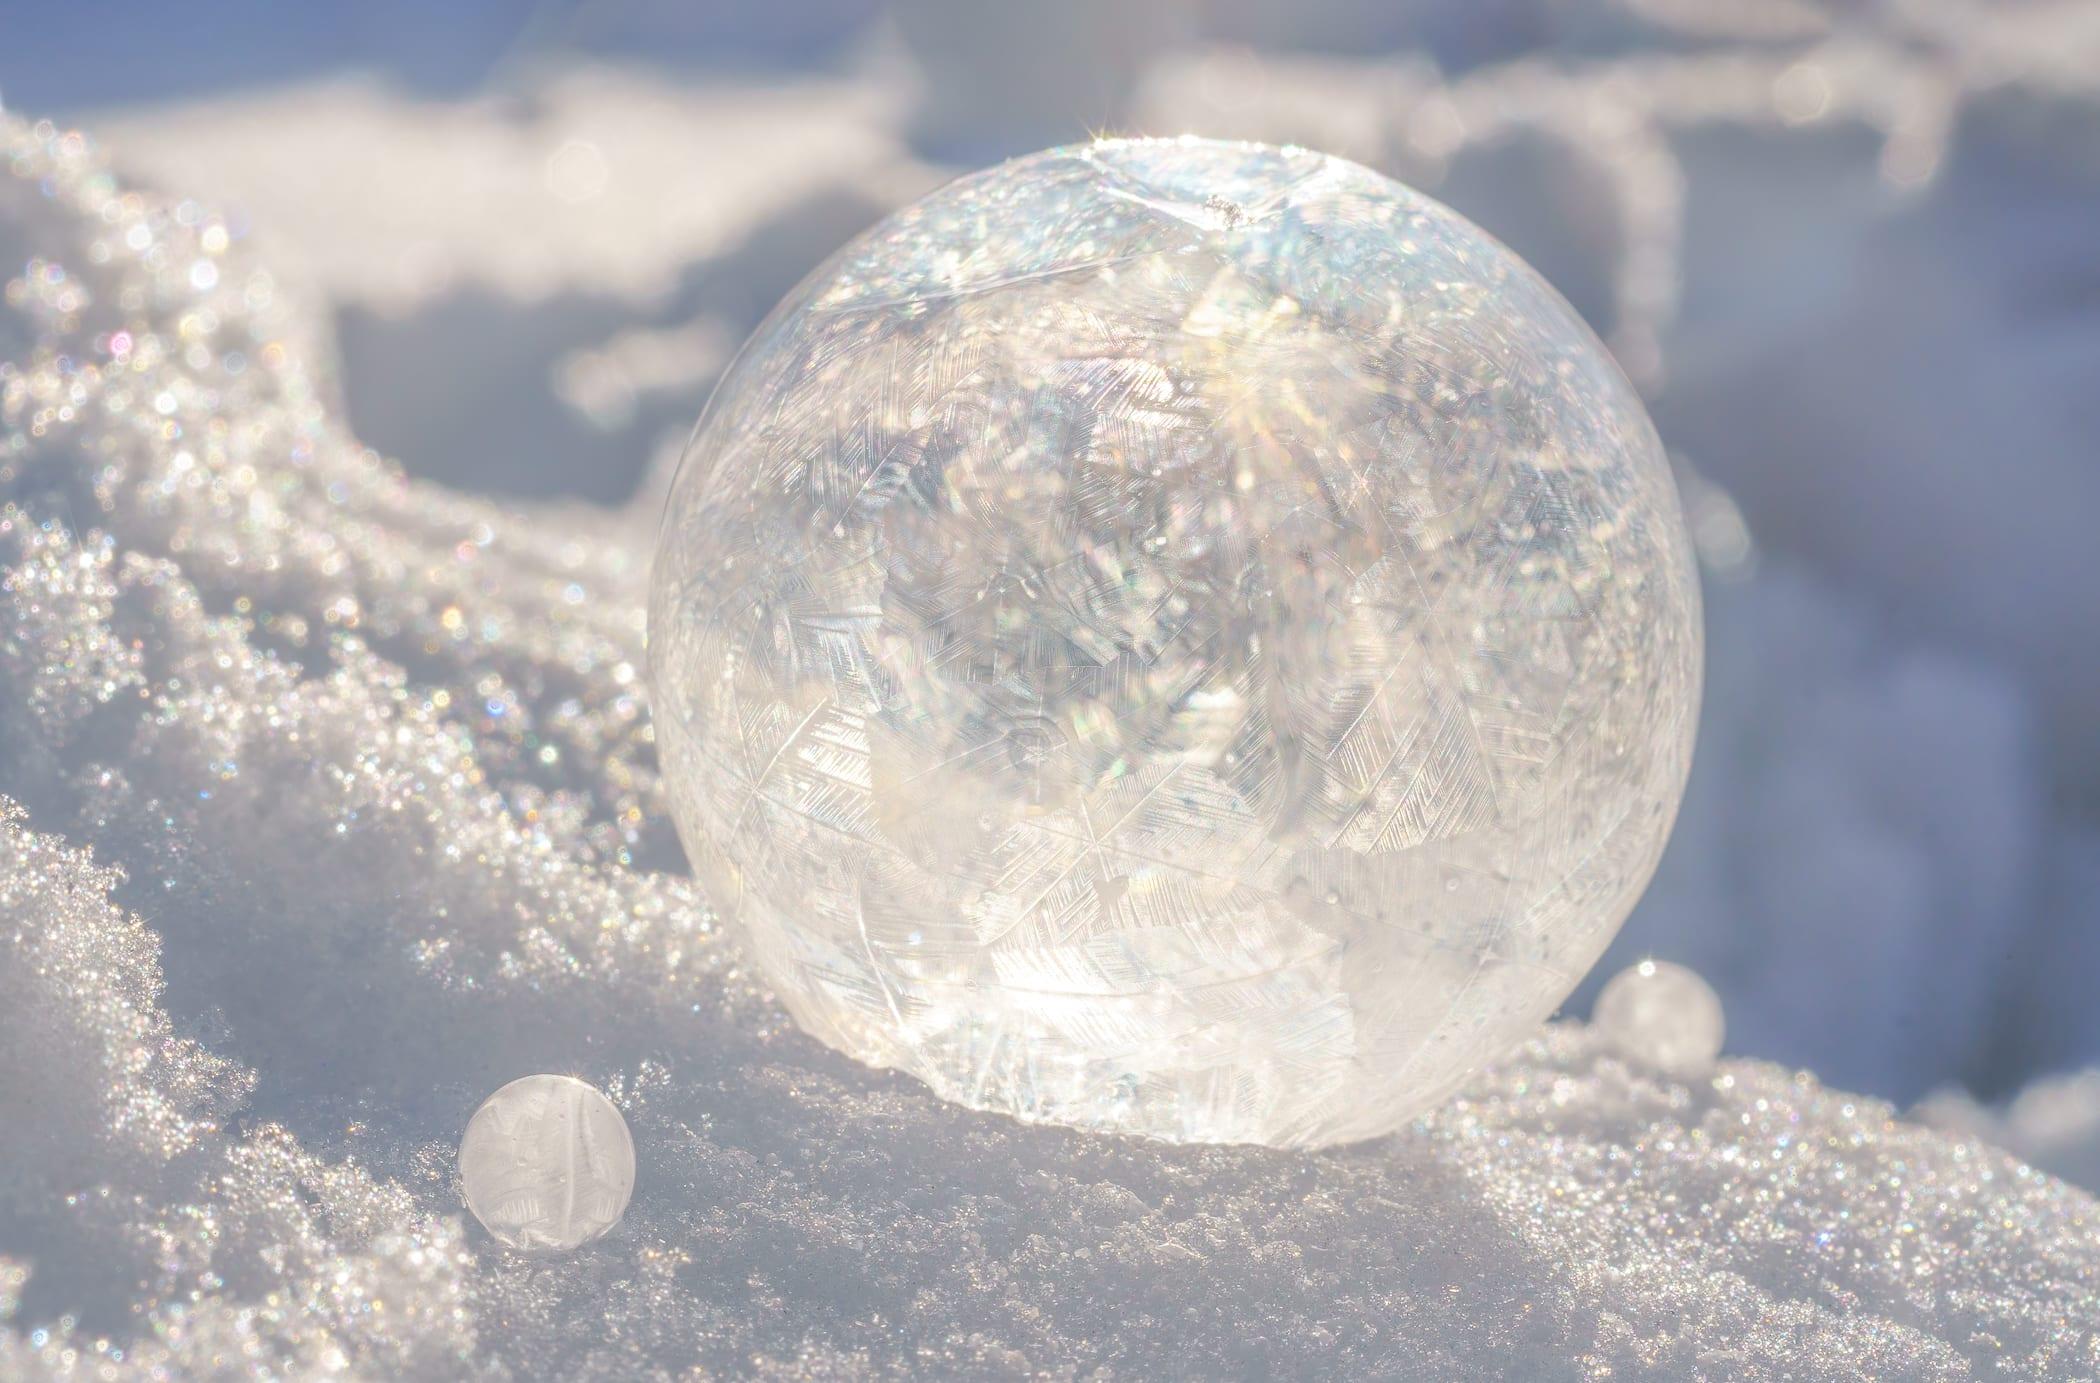 Frozen soap bubble close up